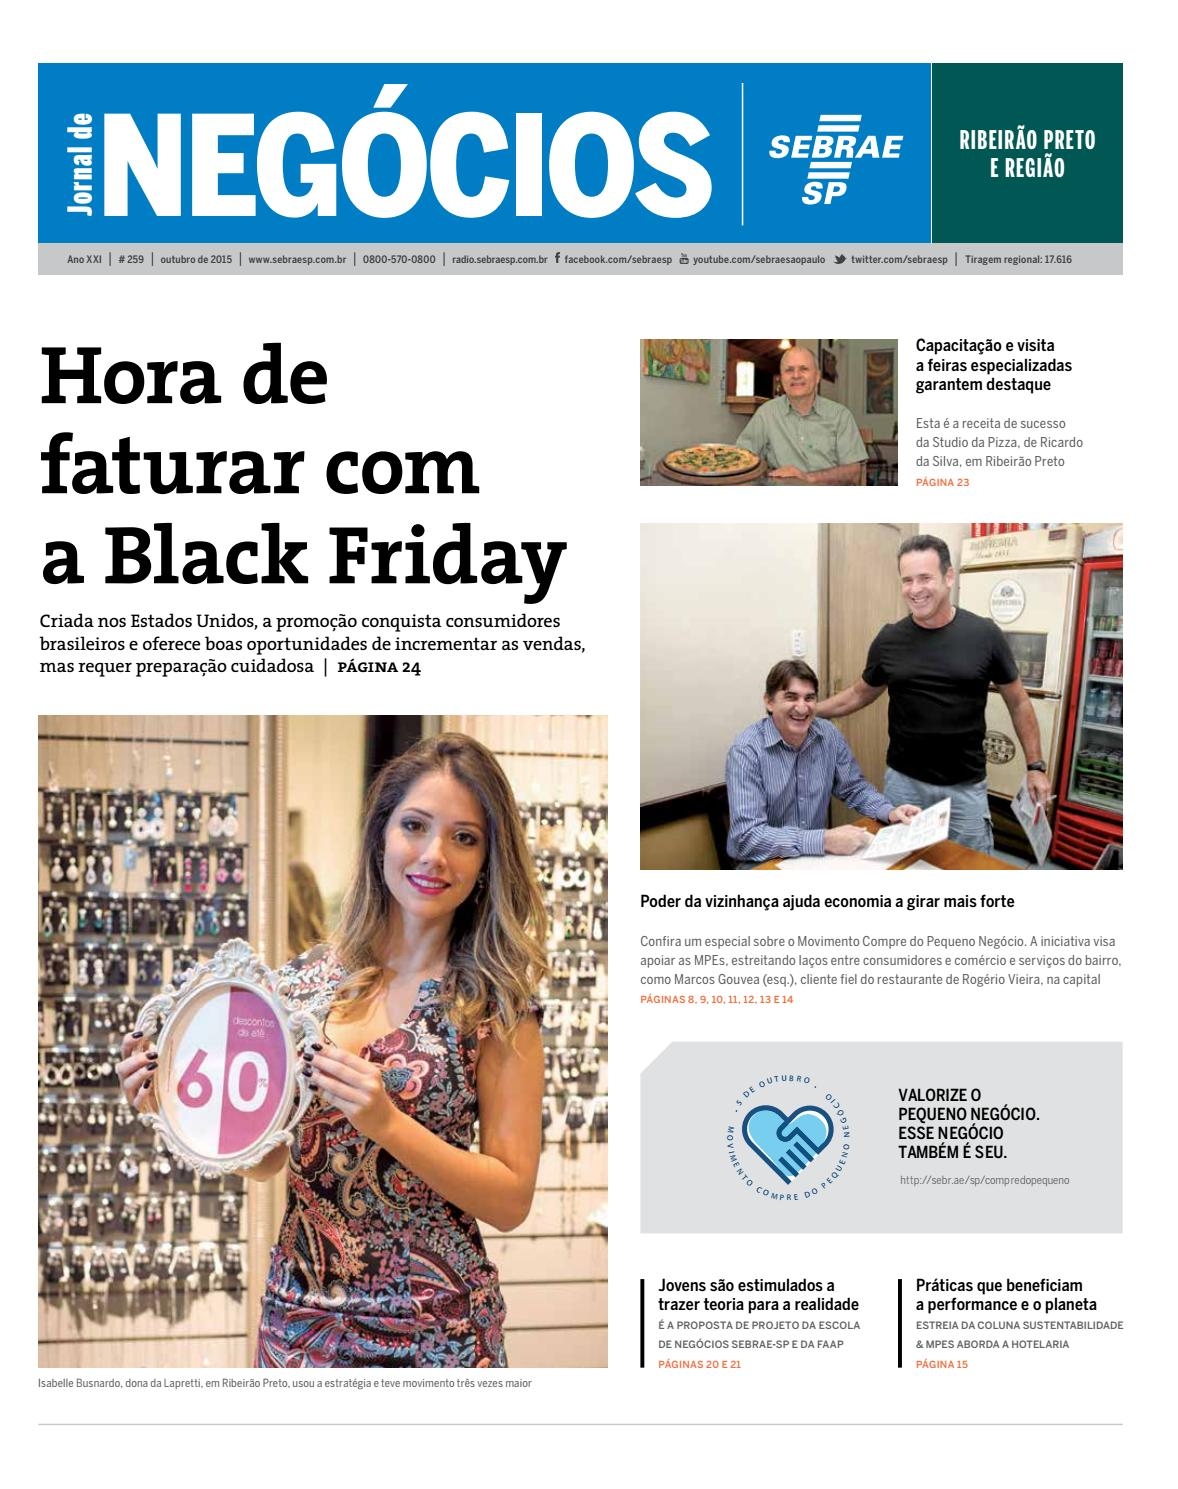 9046c2d62 Jornal de Negócios Sebrae-SP - 01 de outubro 2015 - Ribeirão Preto e Região  by Sebrae-SP - issuu